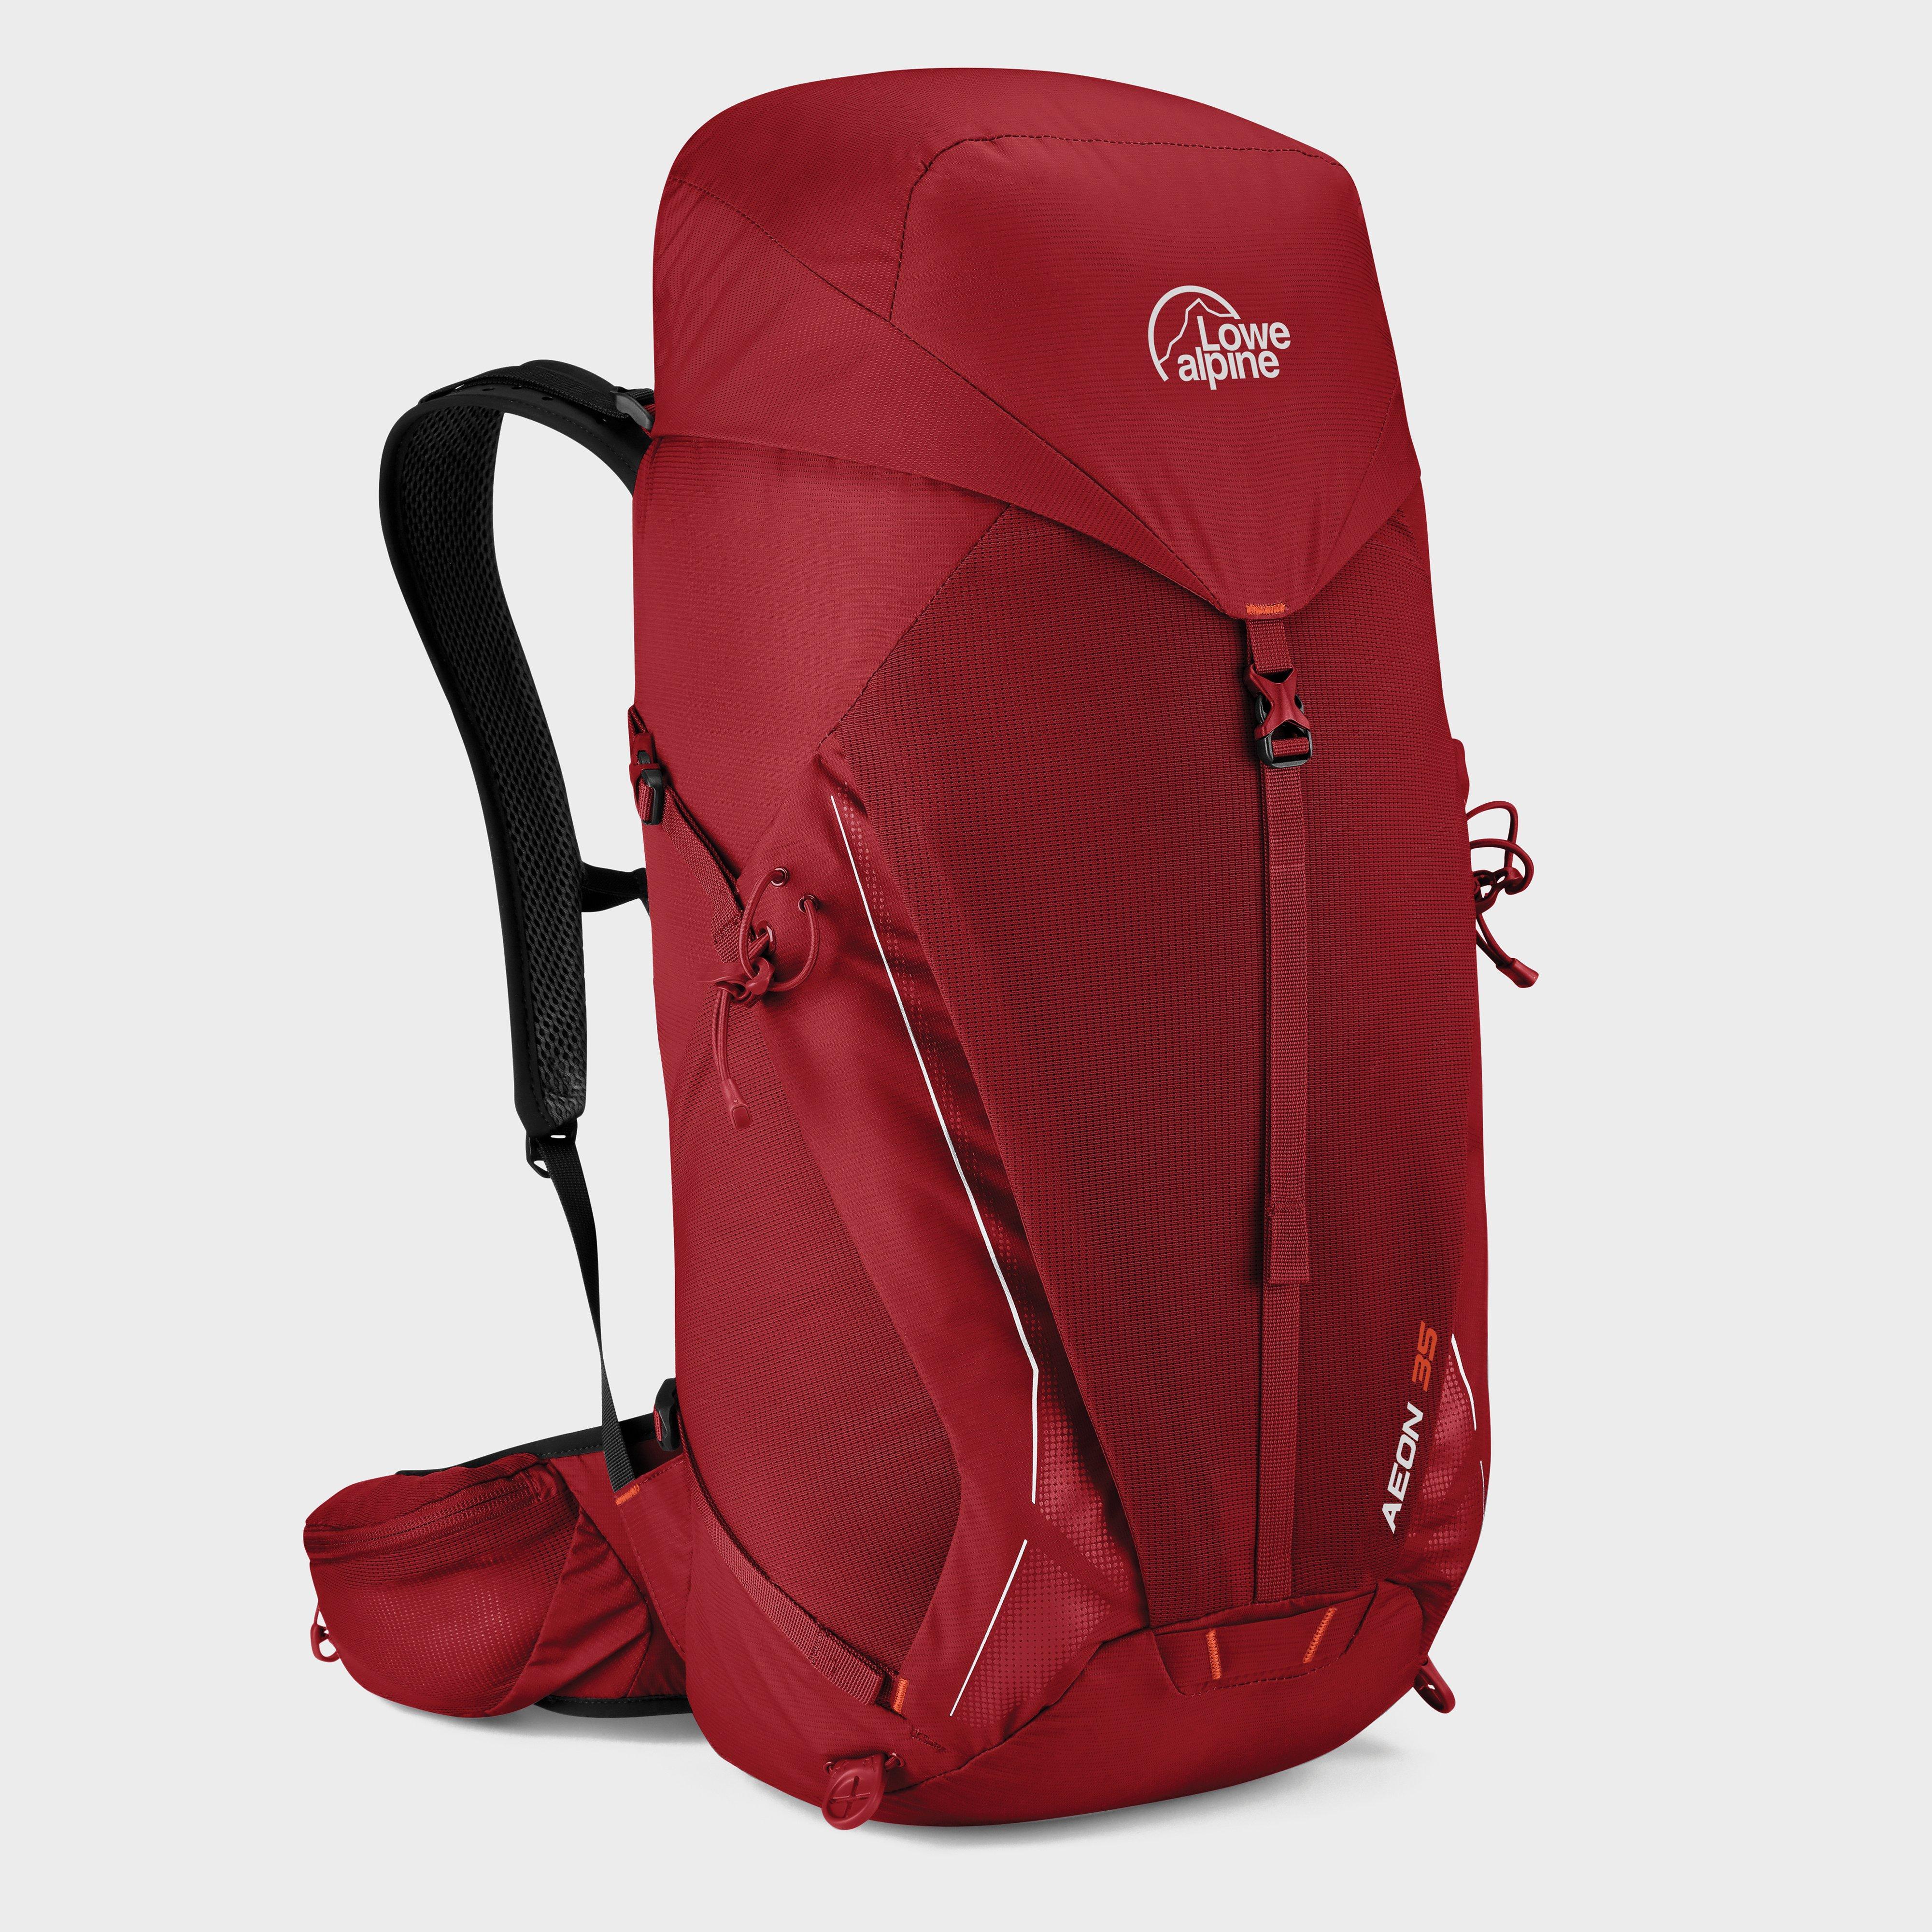 Lowe Alpine Aeon 35L Daypack - Dark Red, Dark Red